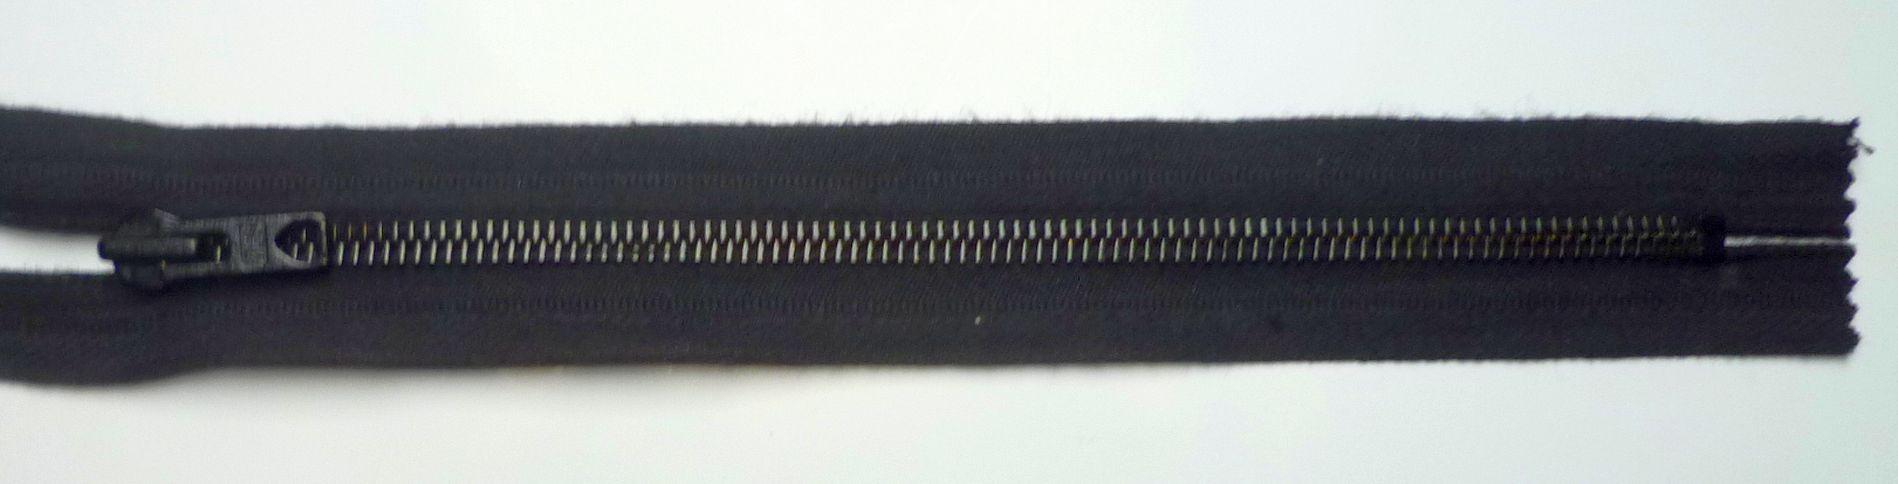 Reißverschluss Metall teilbar Ringgriff 72 cm terracotta